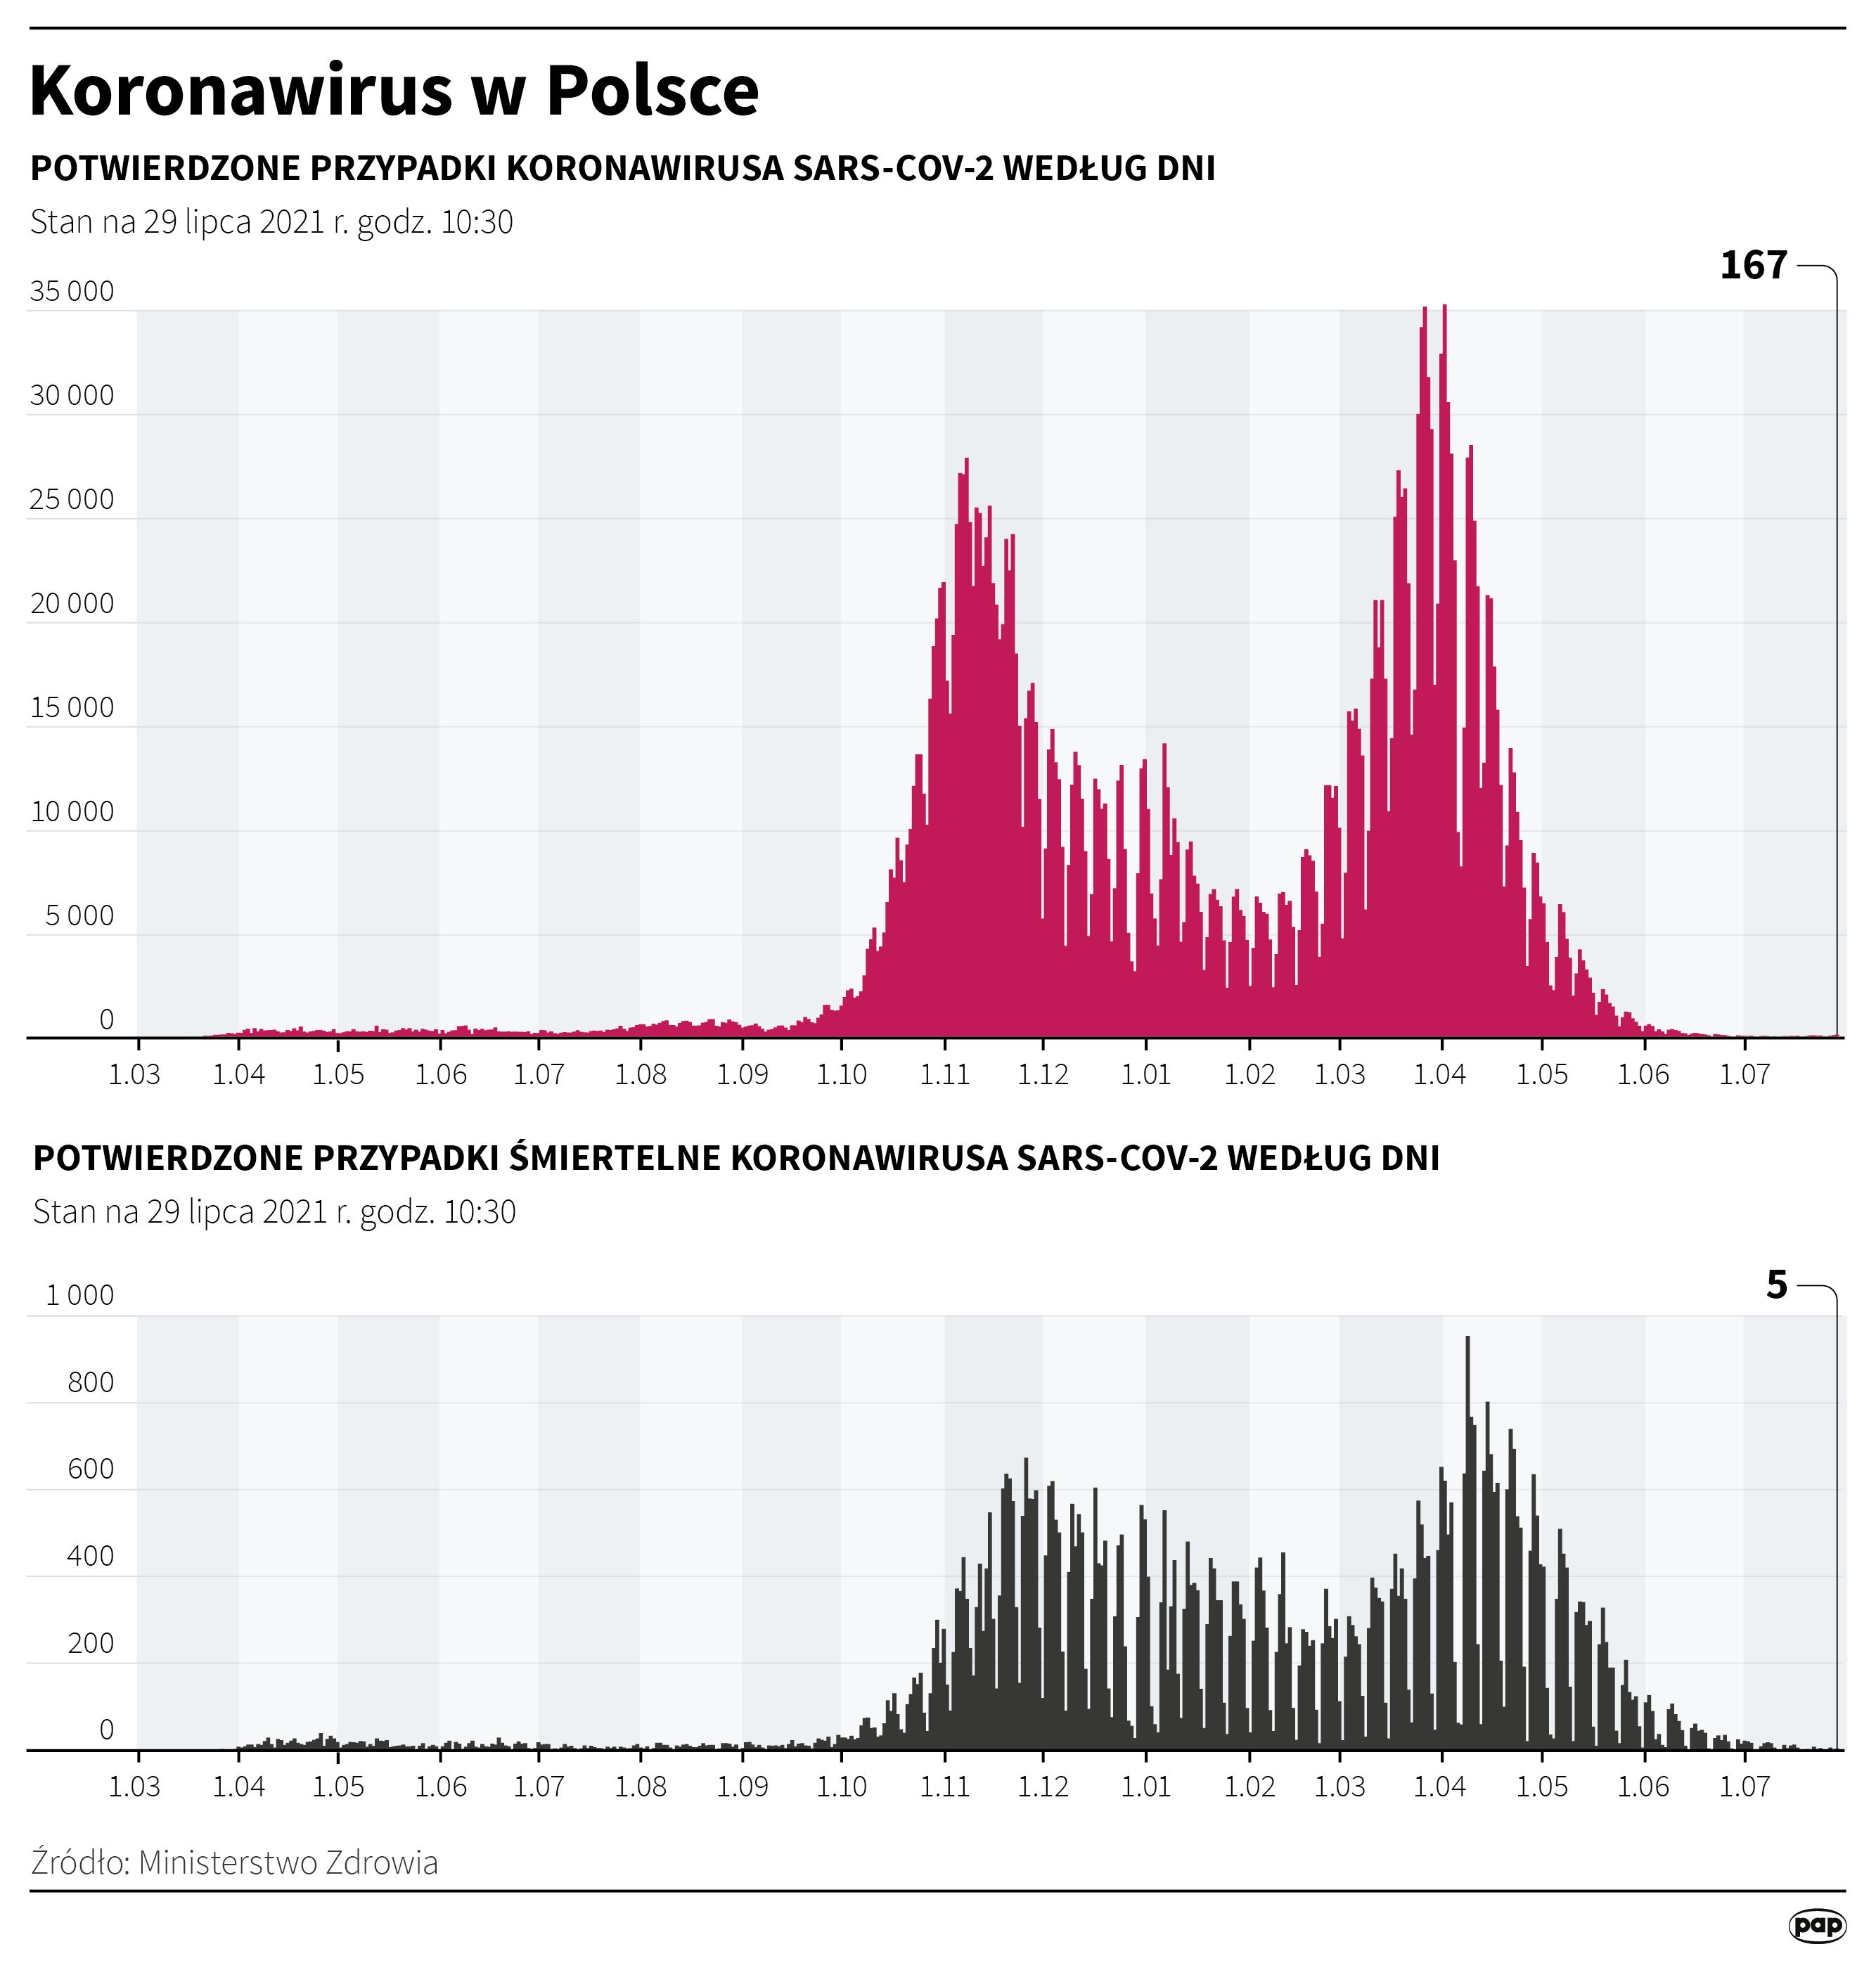 Koronawirus w Polsce - stan na 29 lipca [Autor: Maciej Zieliński, źródło: PAP]